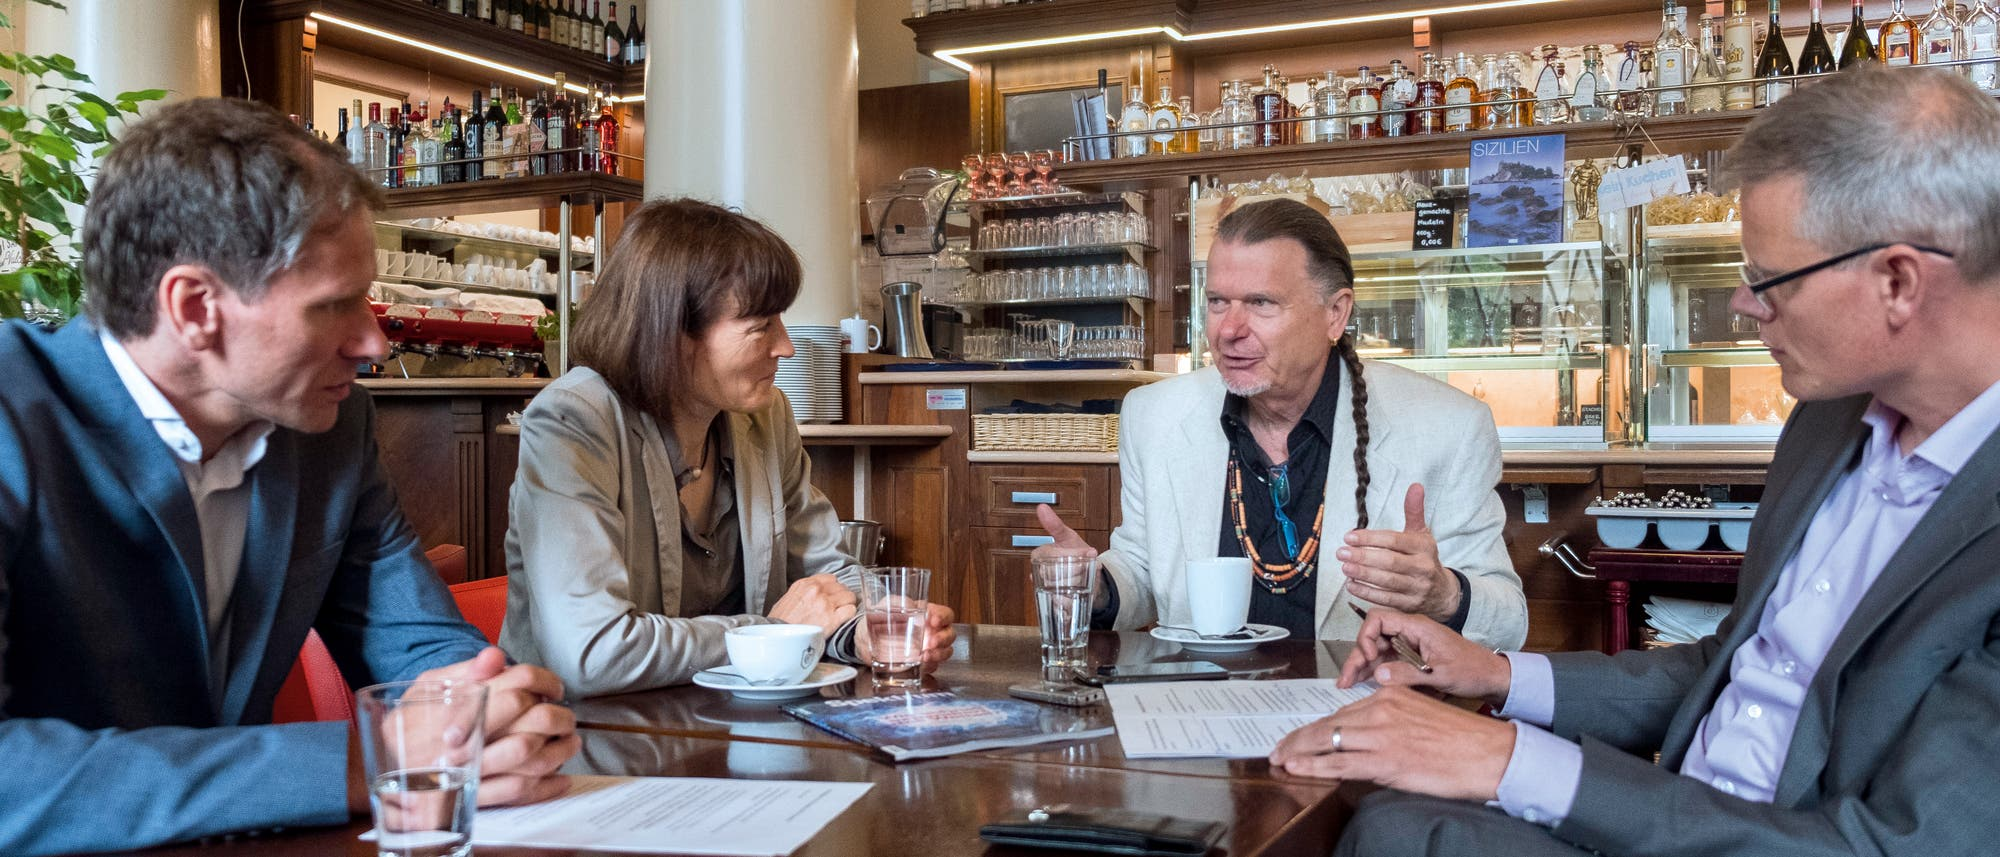 Die Spektrum-Redakteure Frank Schubert (ganz links) und Carsten Könneker (ganz rechts) im Gespräch mit Barbara Drossel und Volker Sommer.